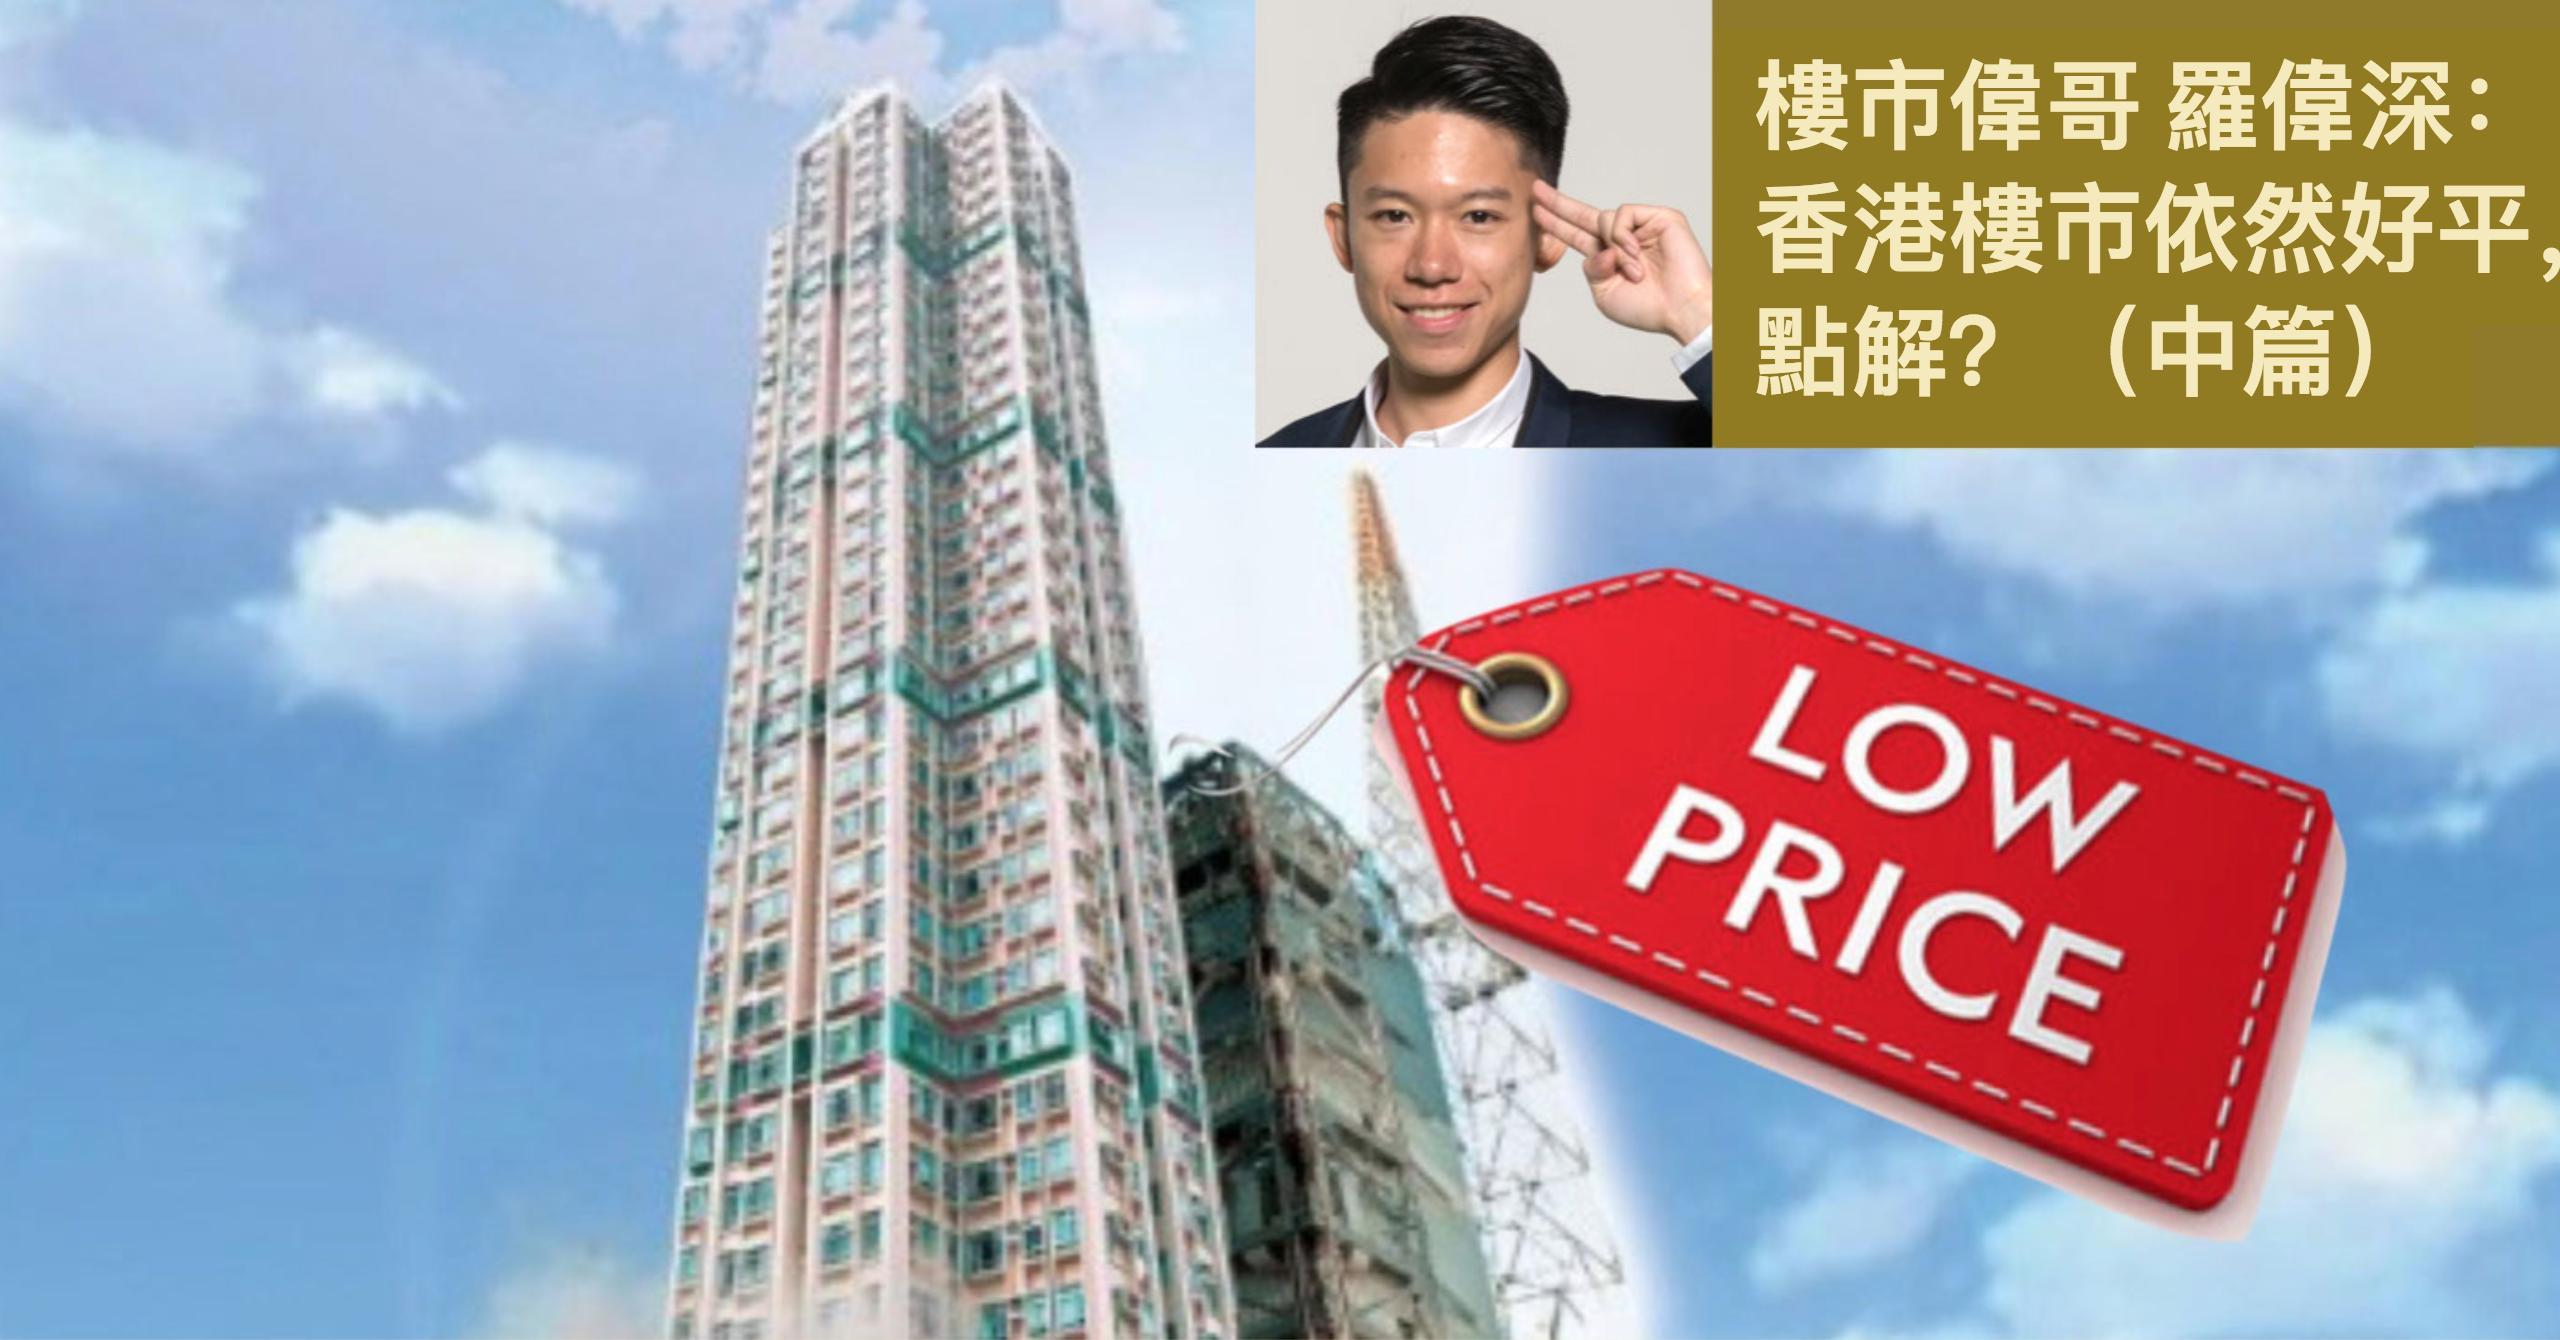 樓市偉哥 羅偉深:香港樓市依然好平,點解?(中篇)